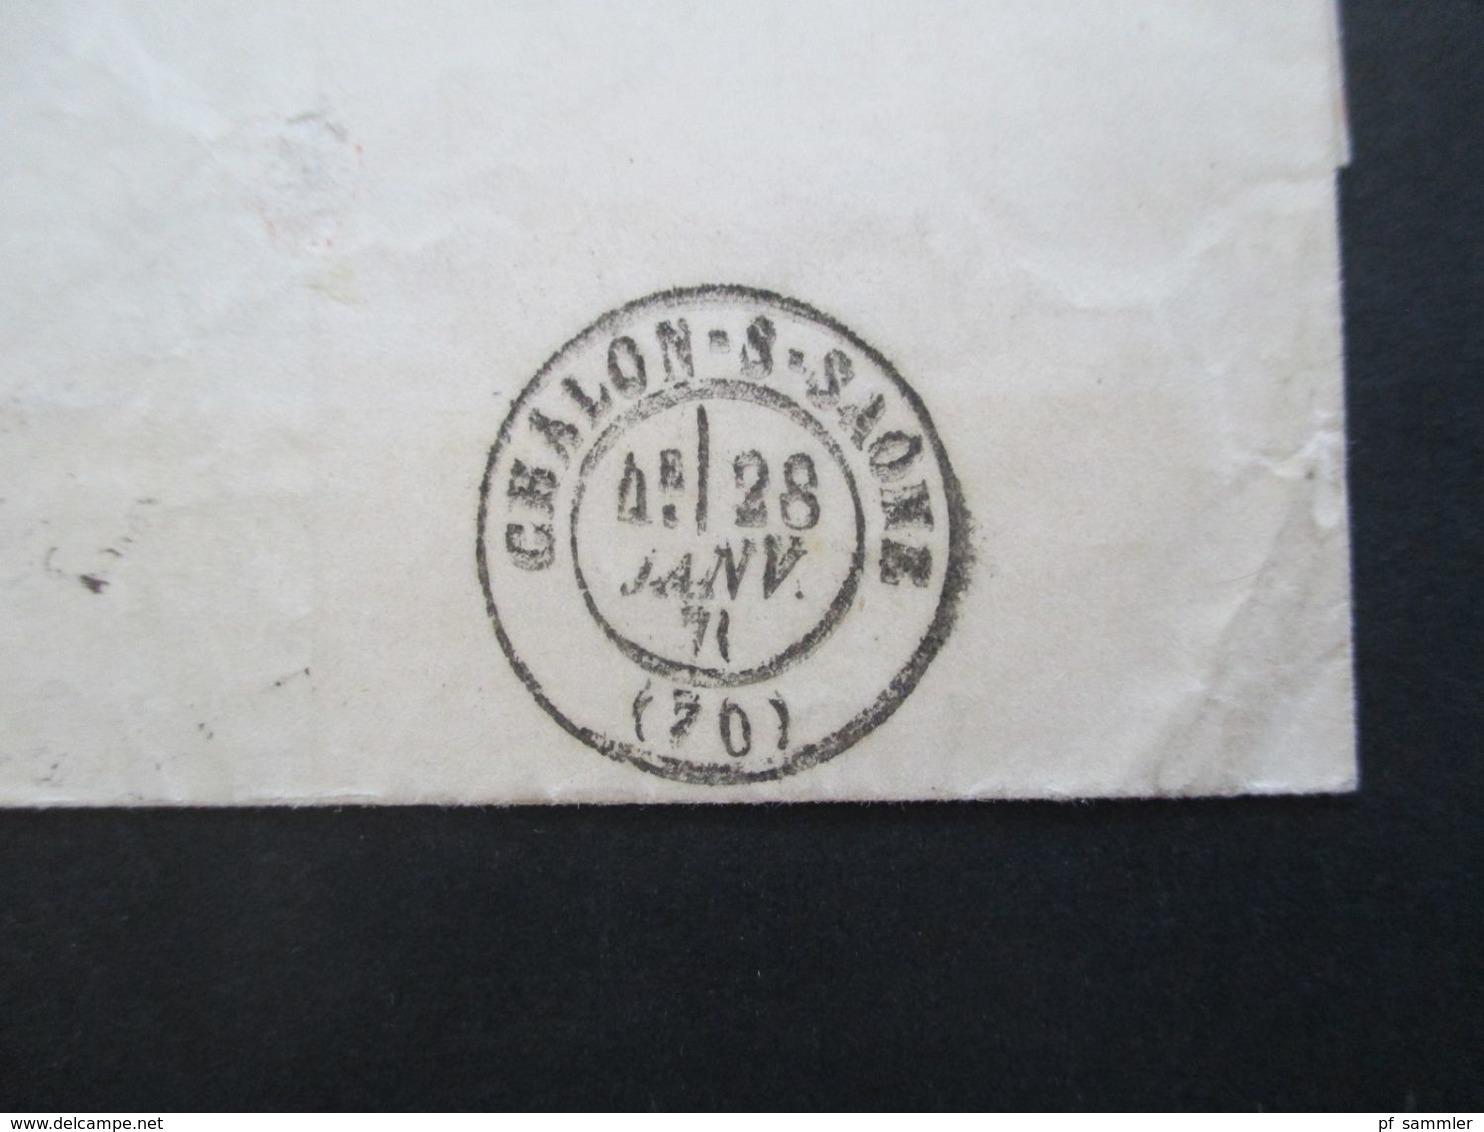 Frankreich Par Ballon Monté 16.1.1871 Brief Mit Inhalt!! Ank. Stempel Chalon - S - Saone Ballonpost Besetztes Paris! - 1870 Siège De Paris